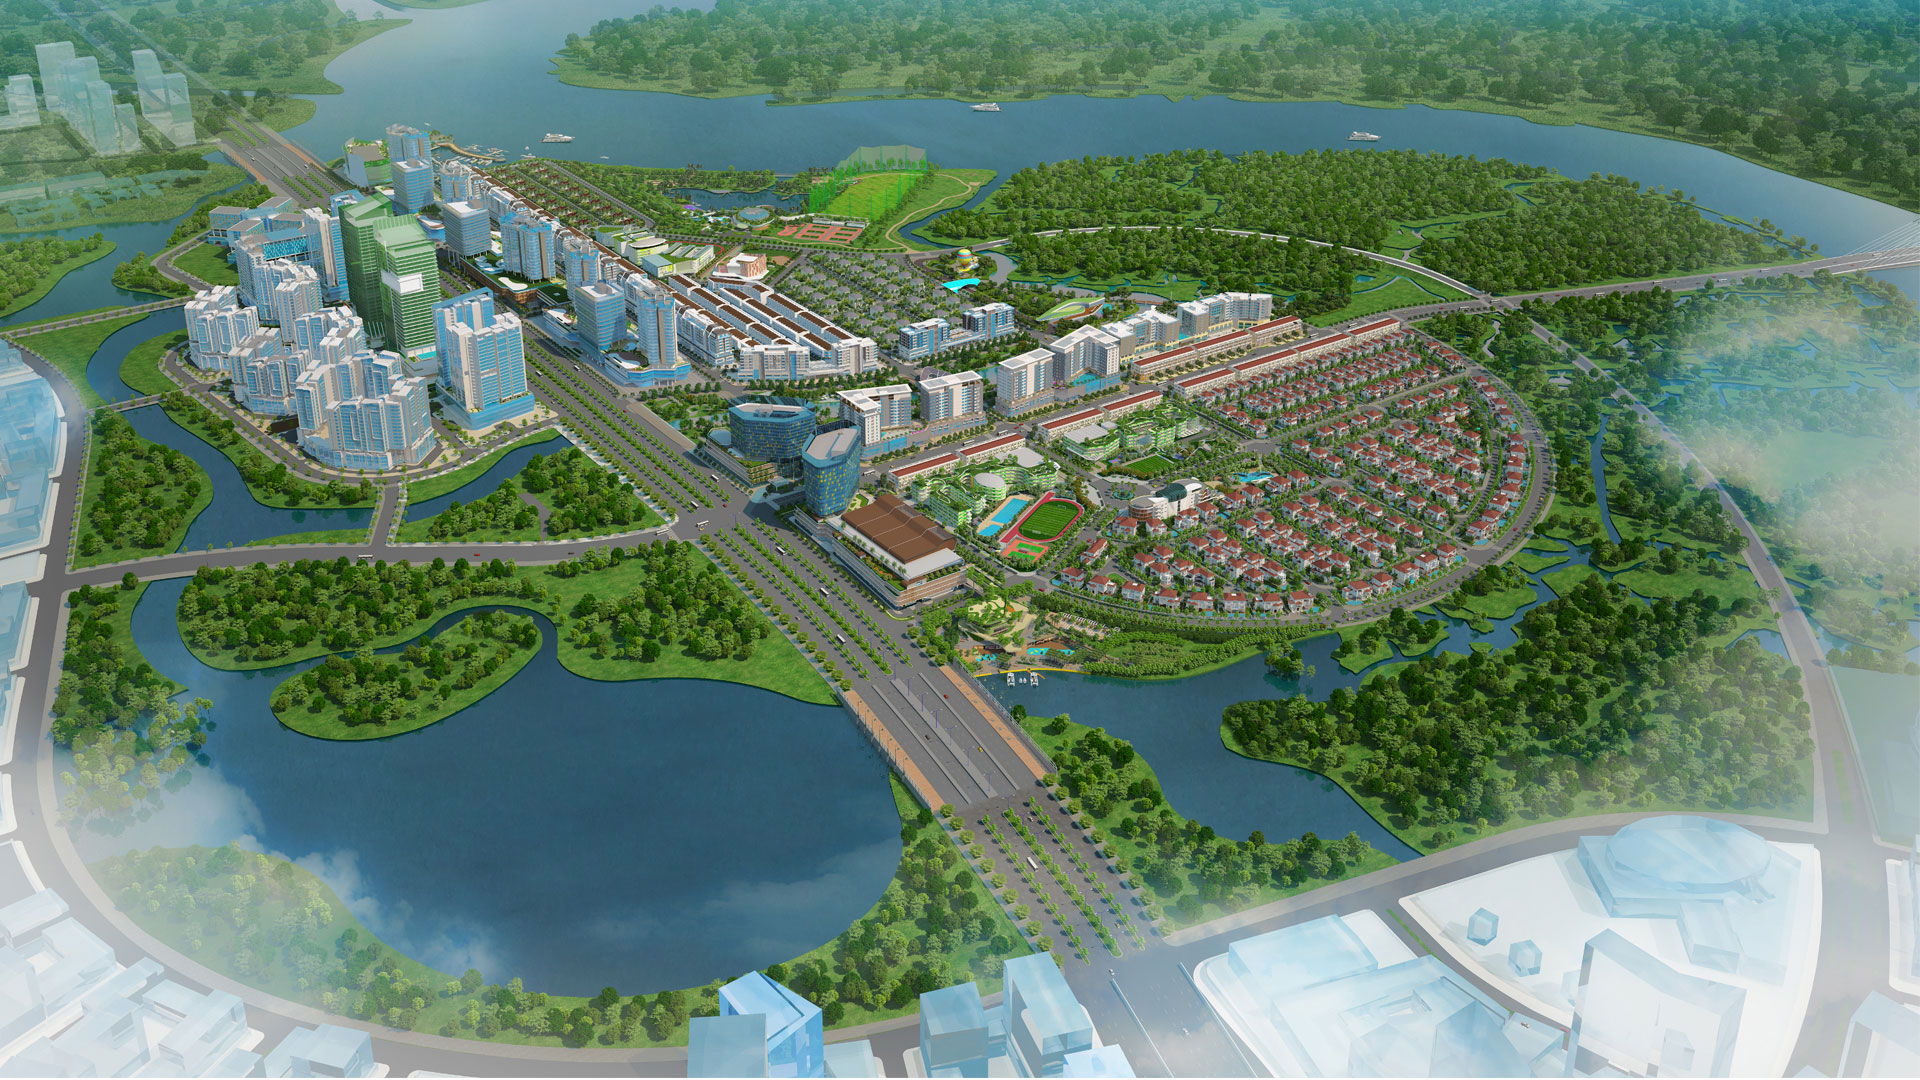 Cho thuê nhà phố thương mại shophouse, shopapartment, sàn thương maị dư án KĐT SALA Đại Quang Minh